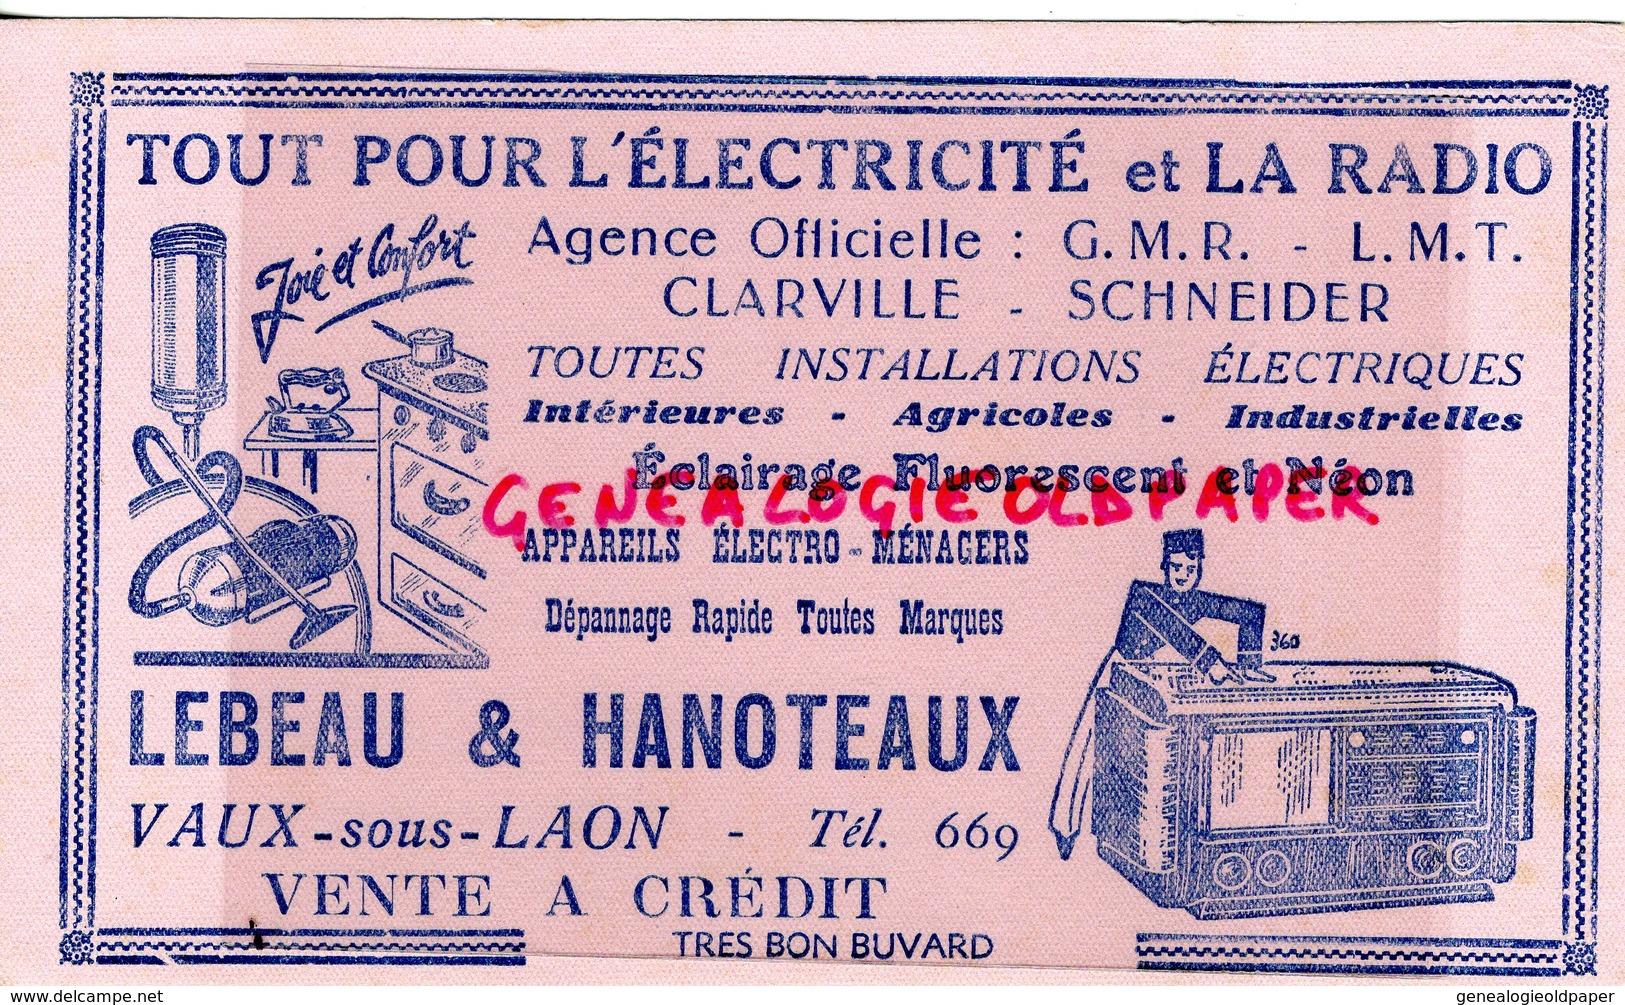 02- VAUX SOUS LAON- BUVARD LEBEAU & HANOTEAUX- ELECTRICTE RADIO- CLARVILLE SCHNEIDER-NEON-TSF-ASPIRATEUR - Electricité & Gaz